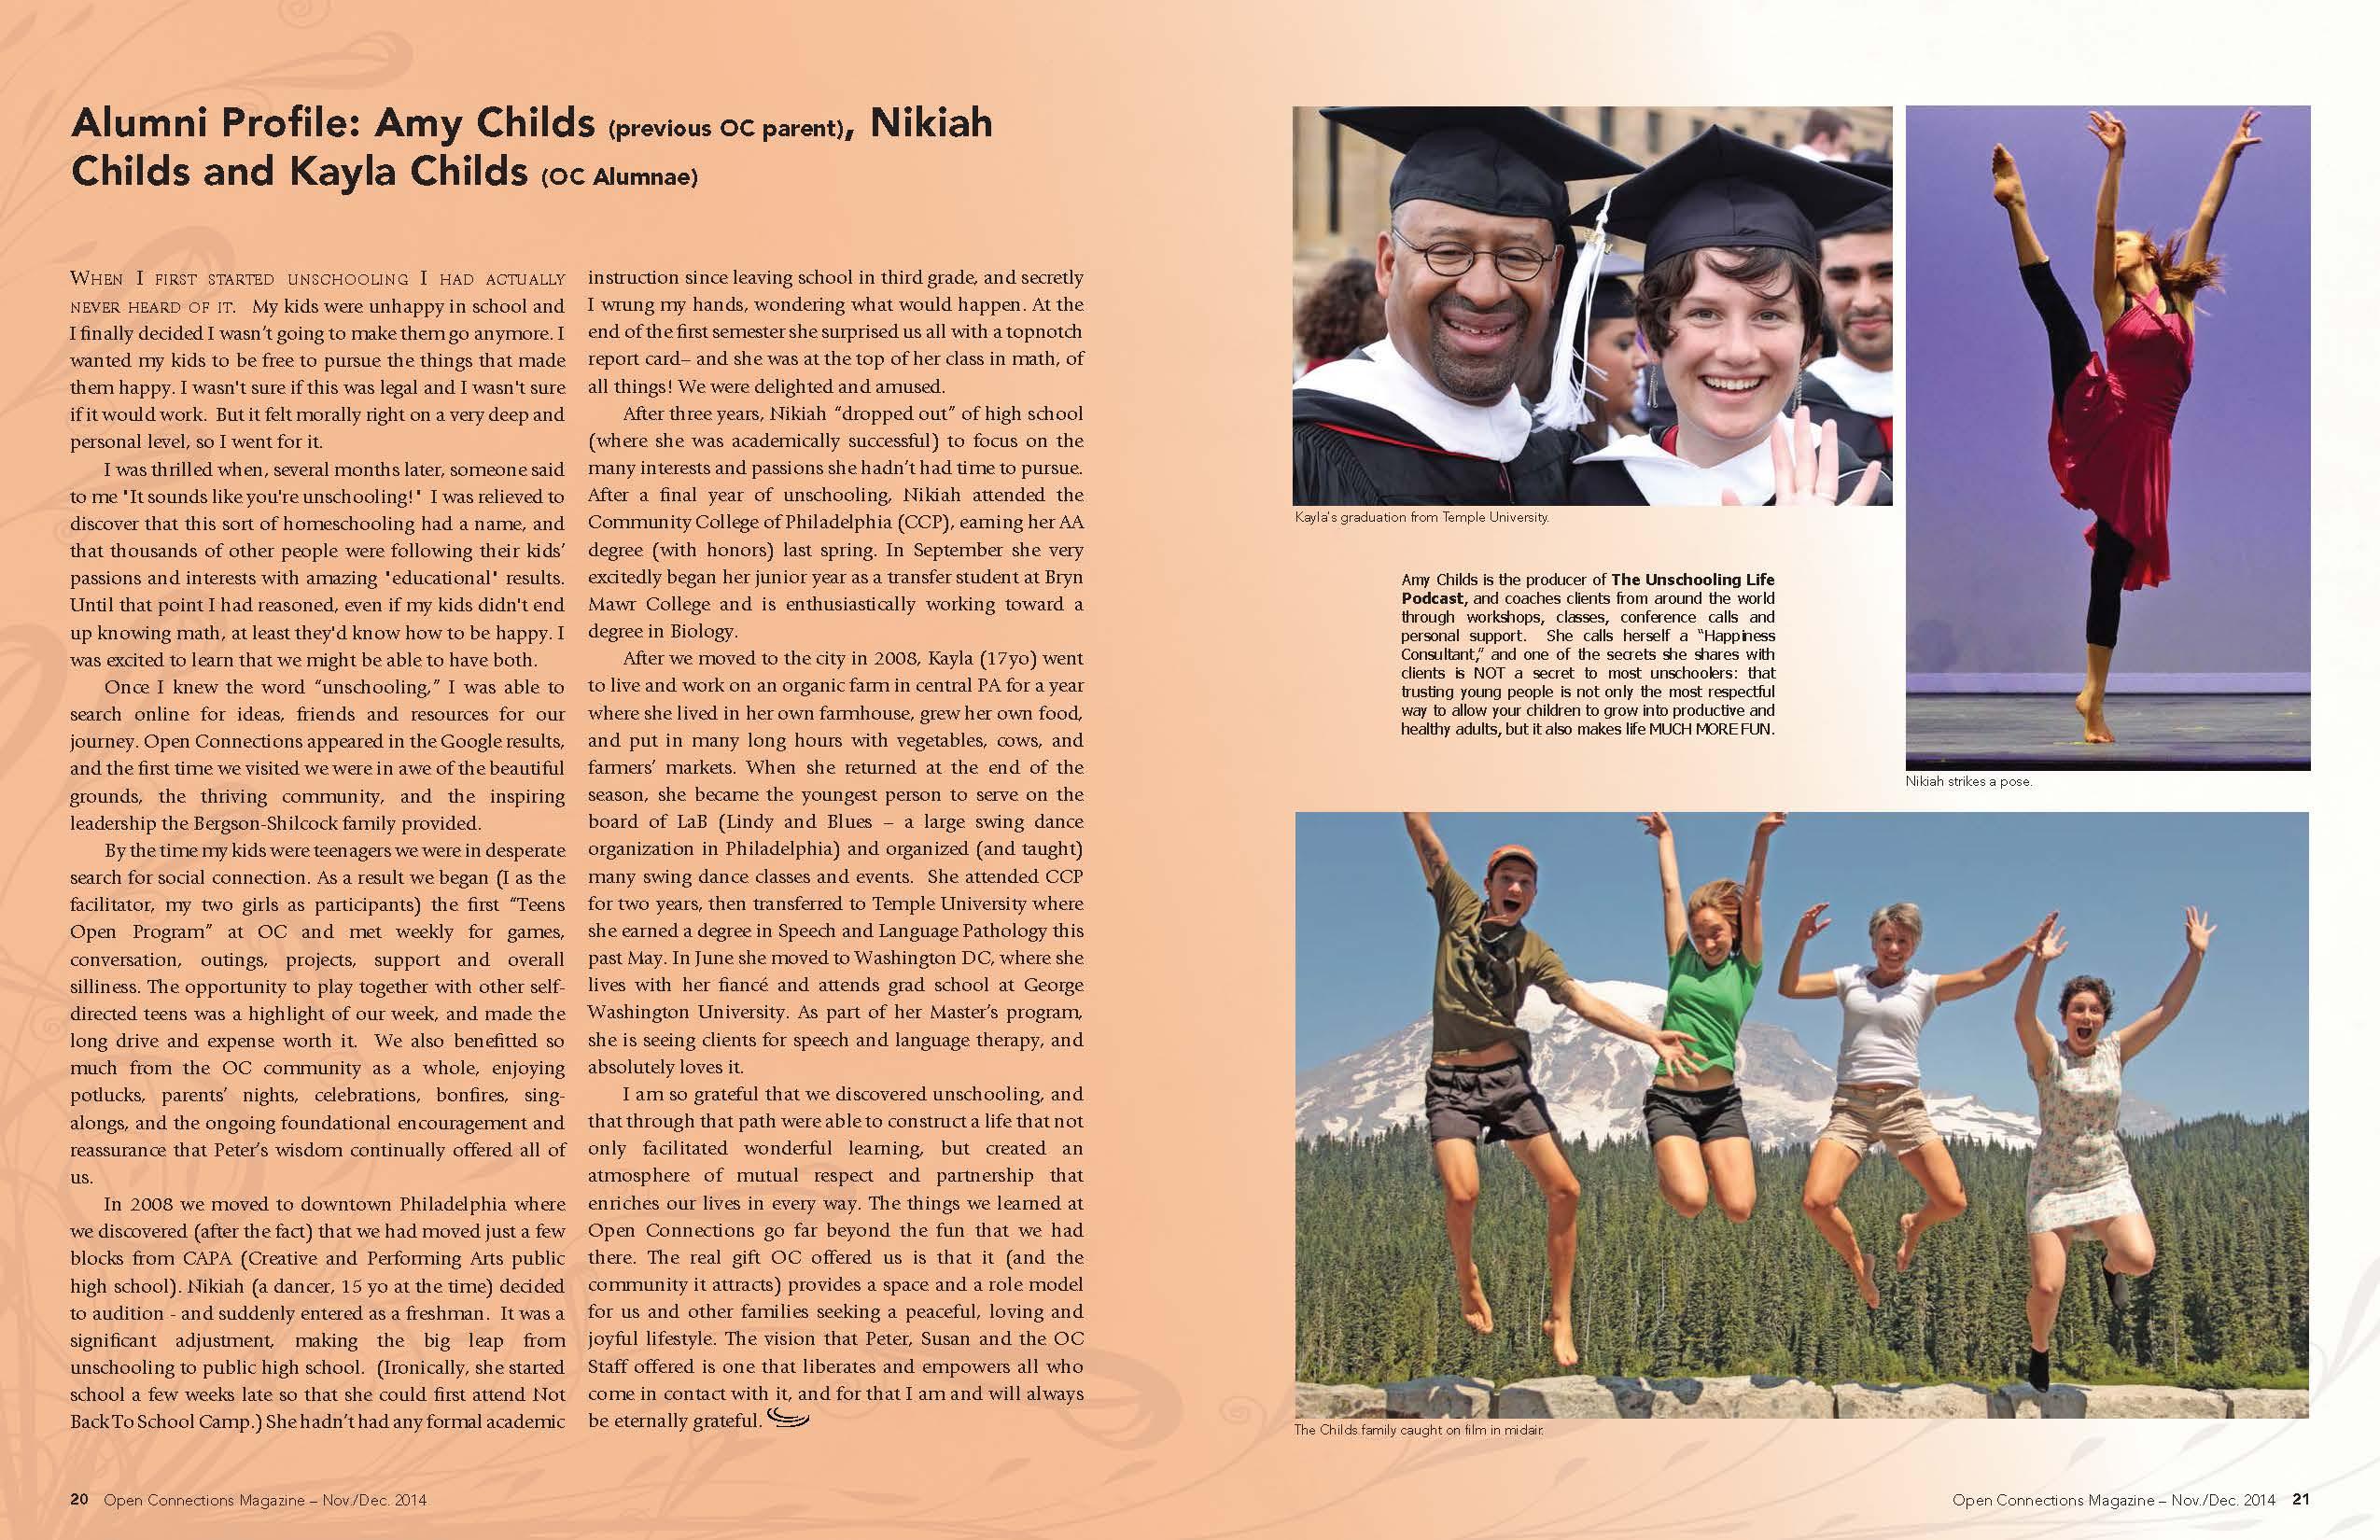 ChildsFam in OC Mag 2014